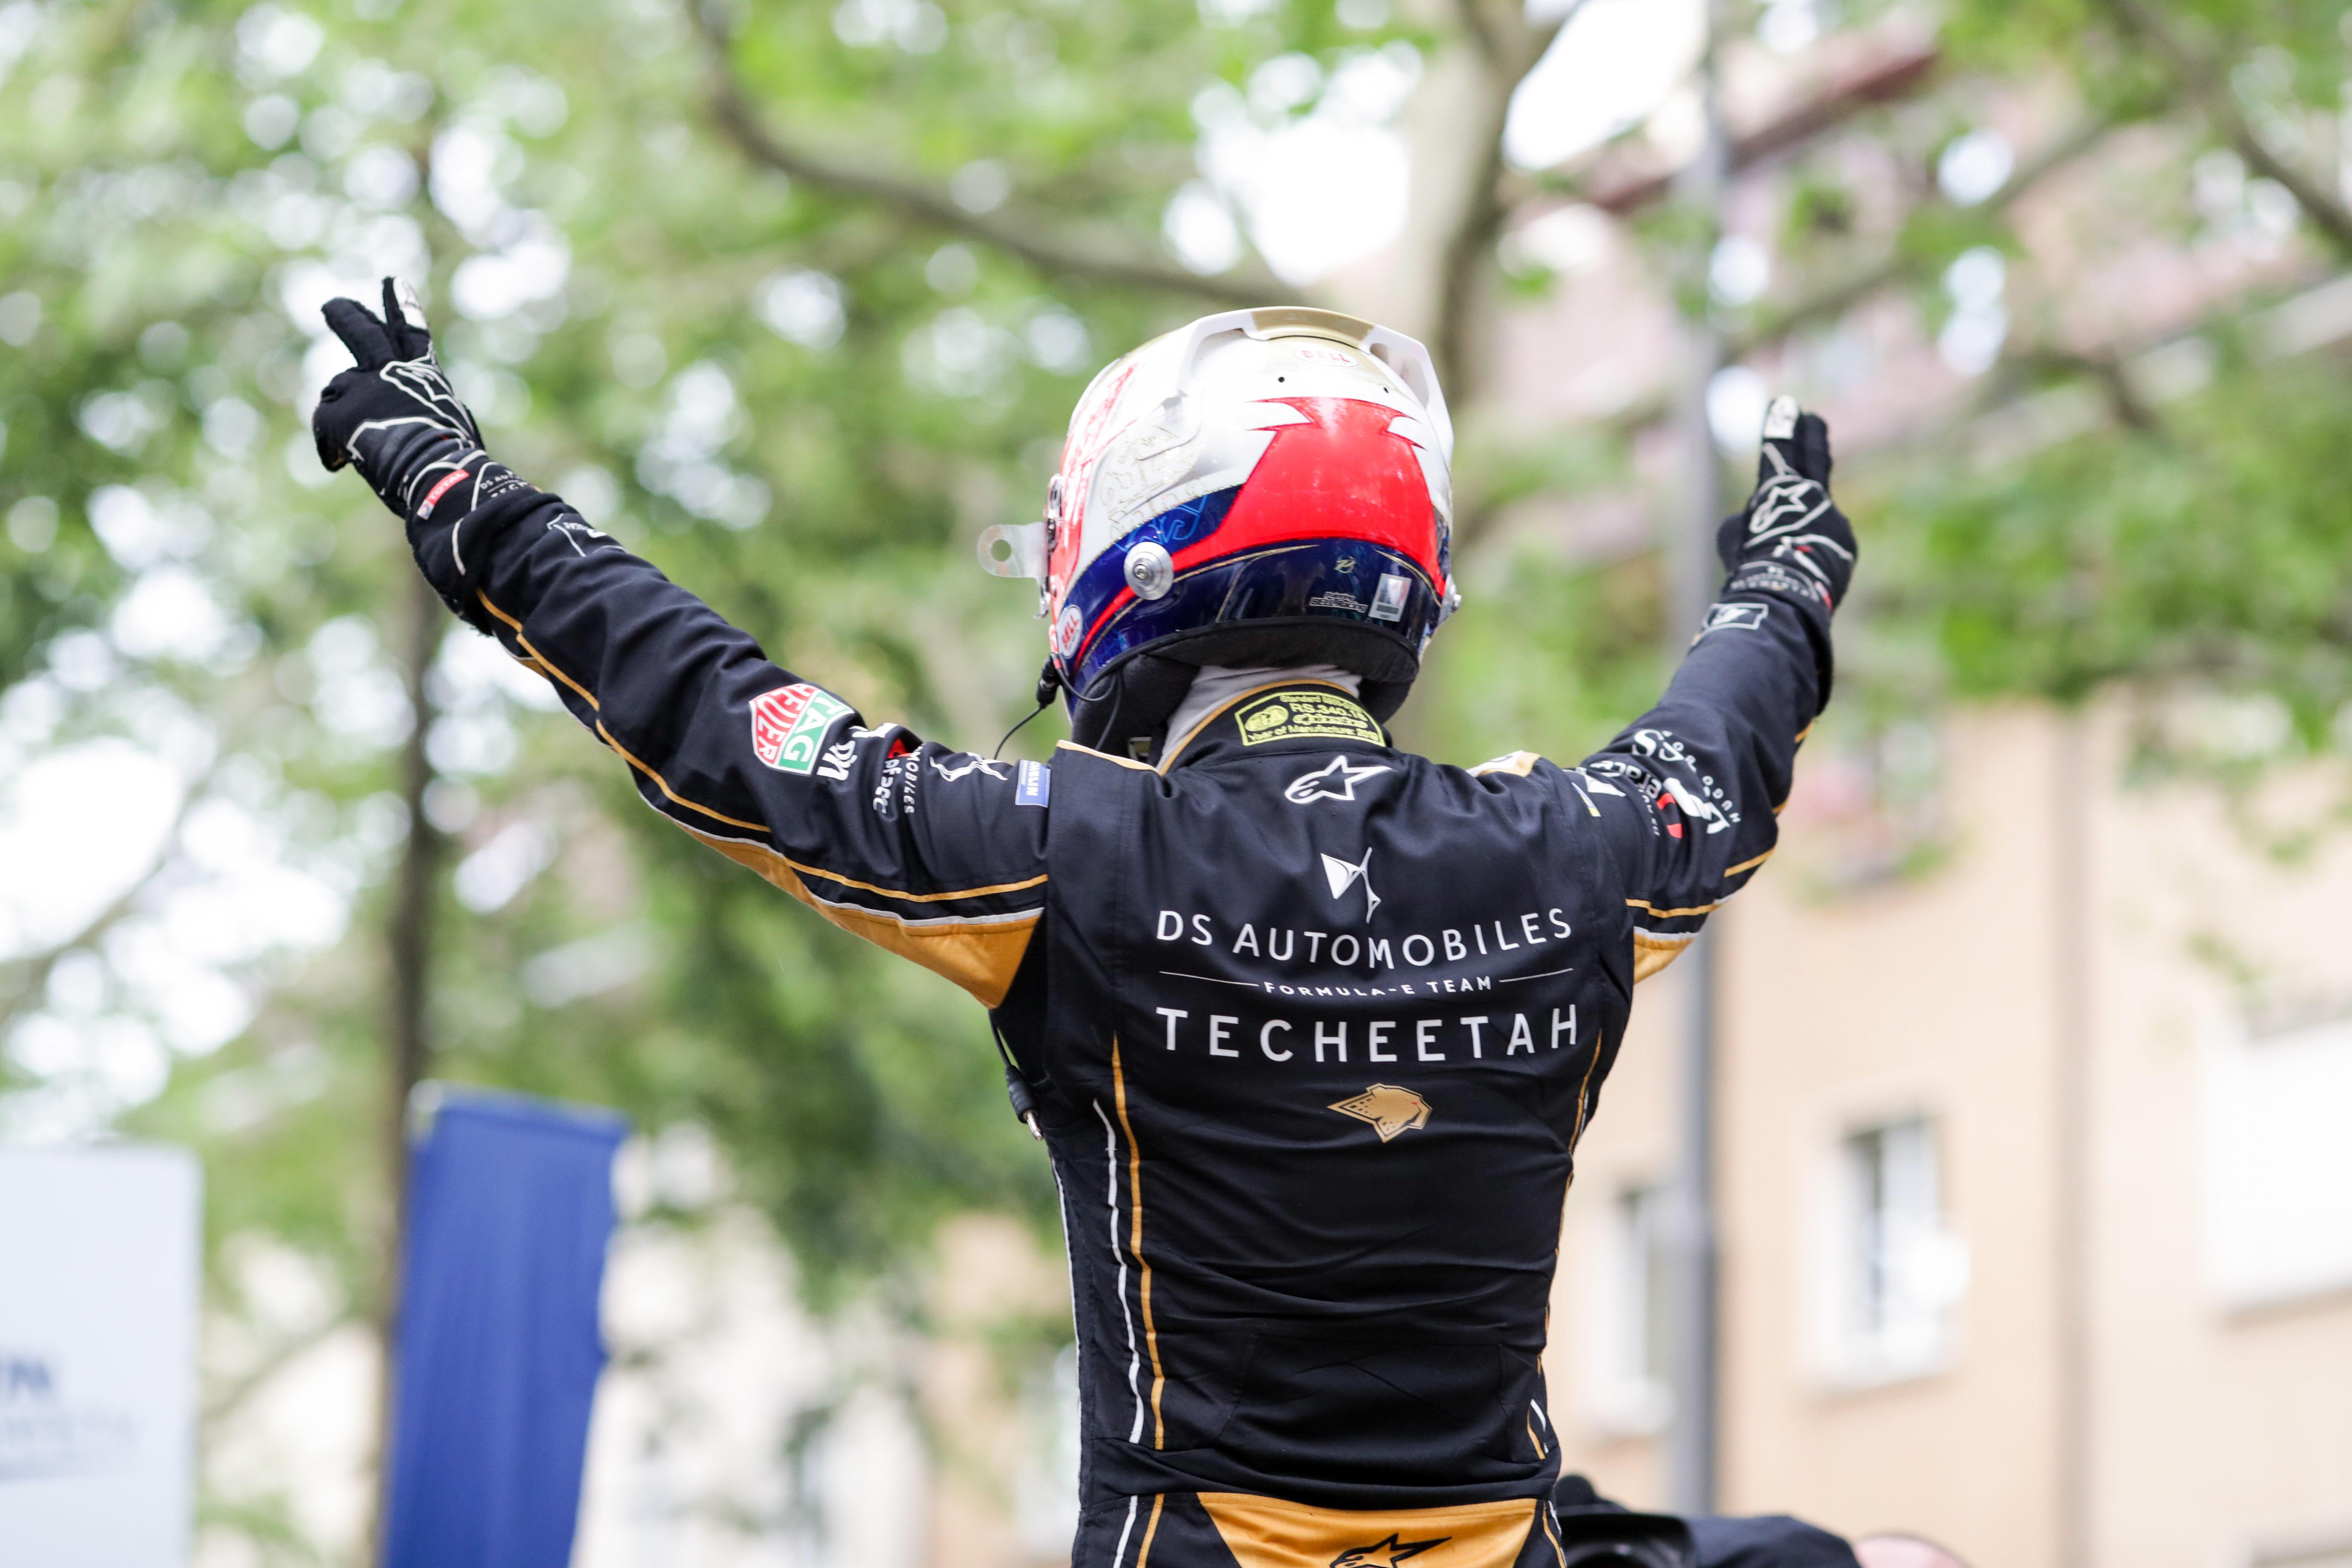 Terza vittoria stagionale e allungo in classifica per il francese